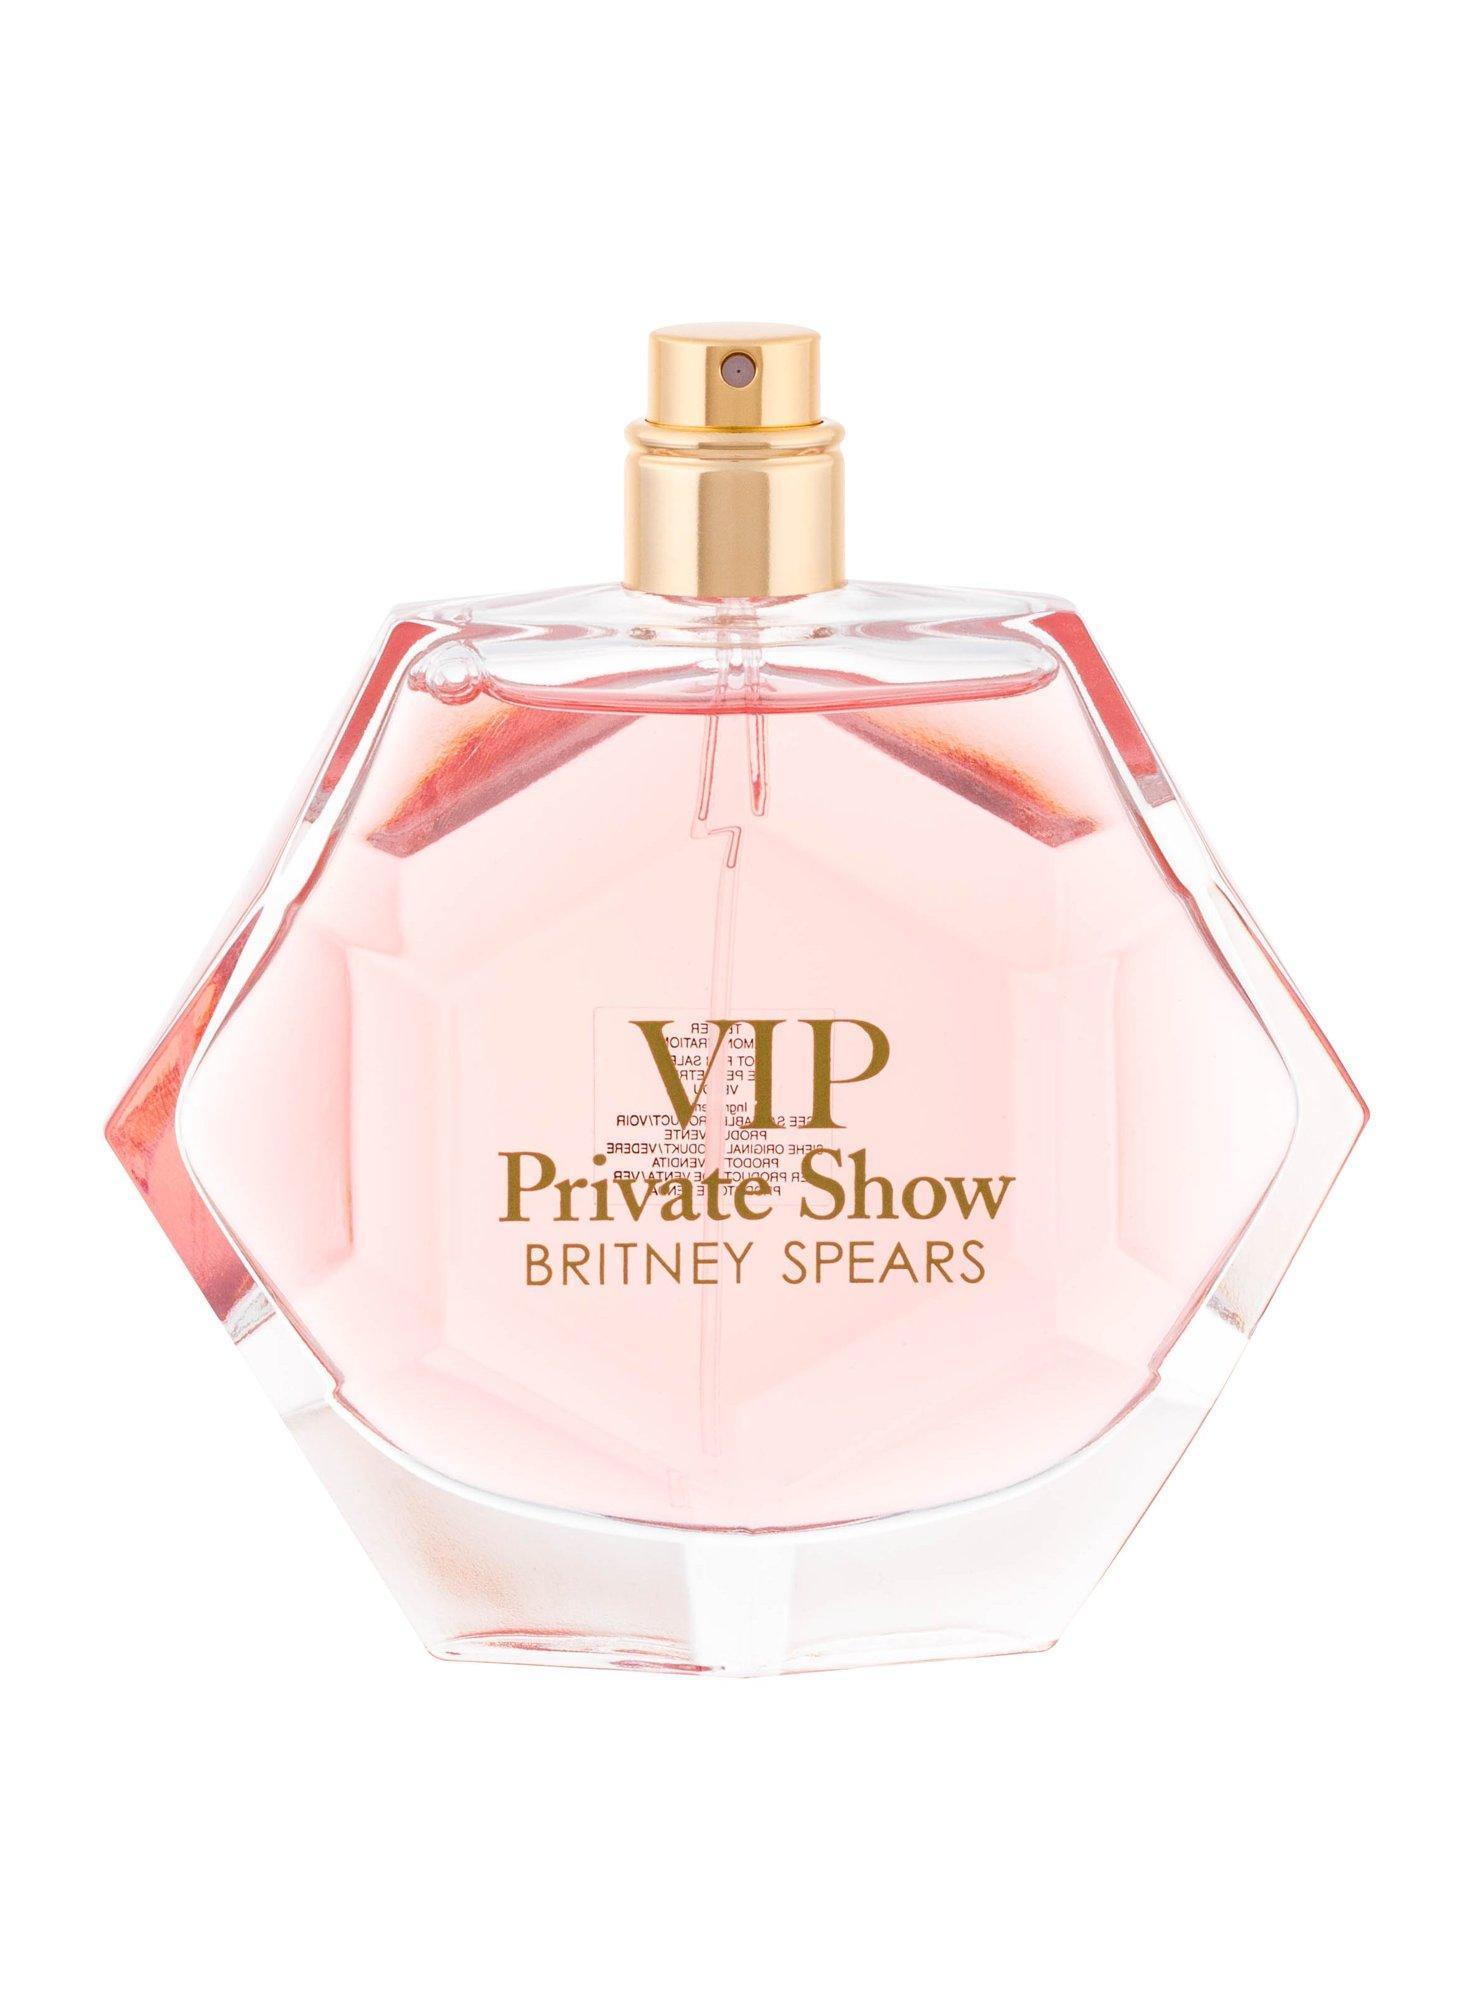 Britney Spears VIP Private Show, Parfumovaná voda 100ml, Tester